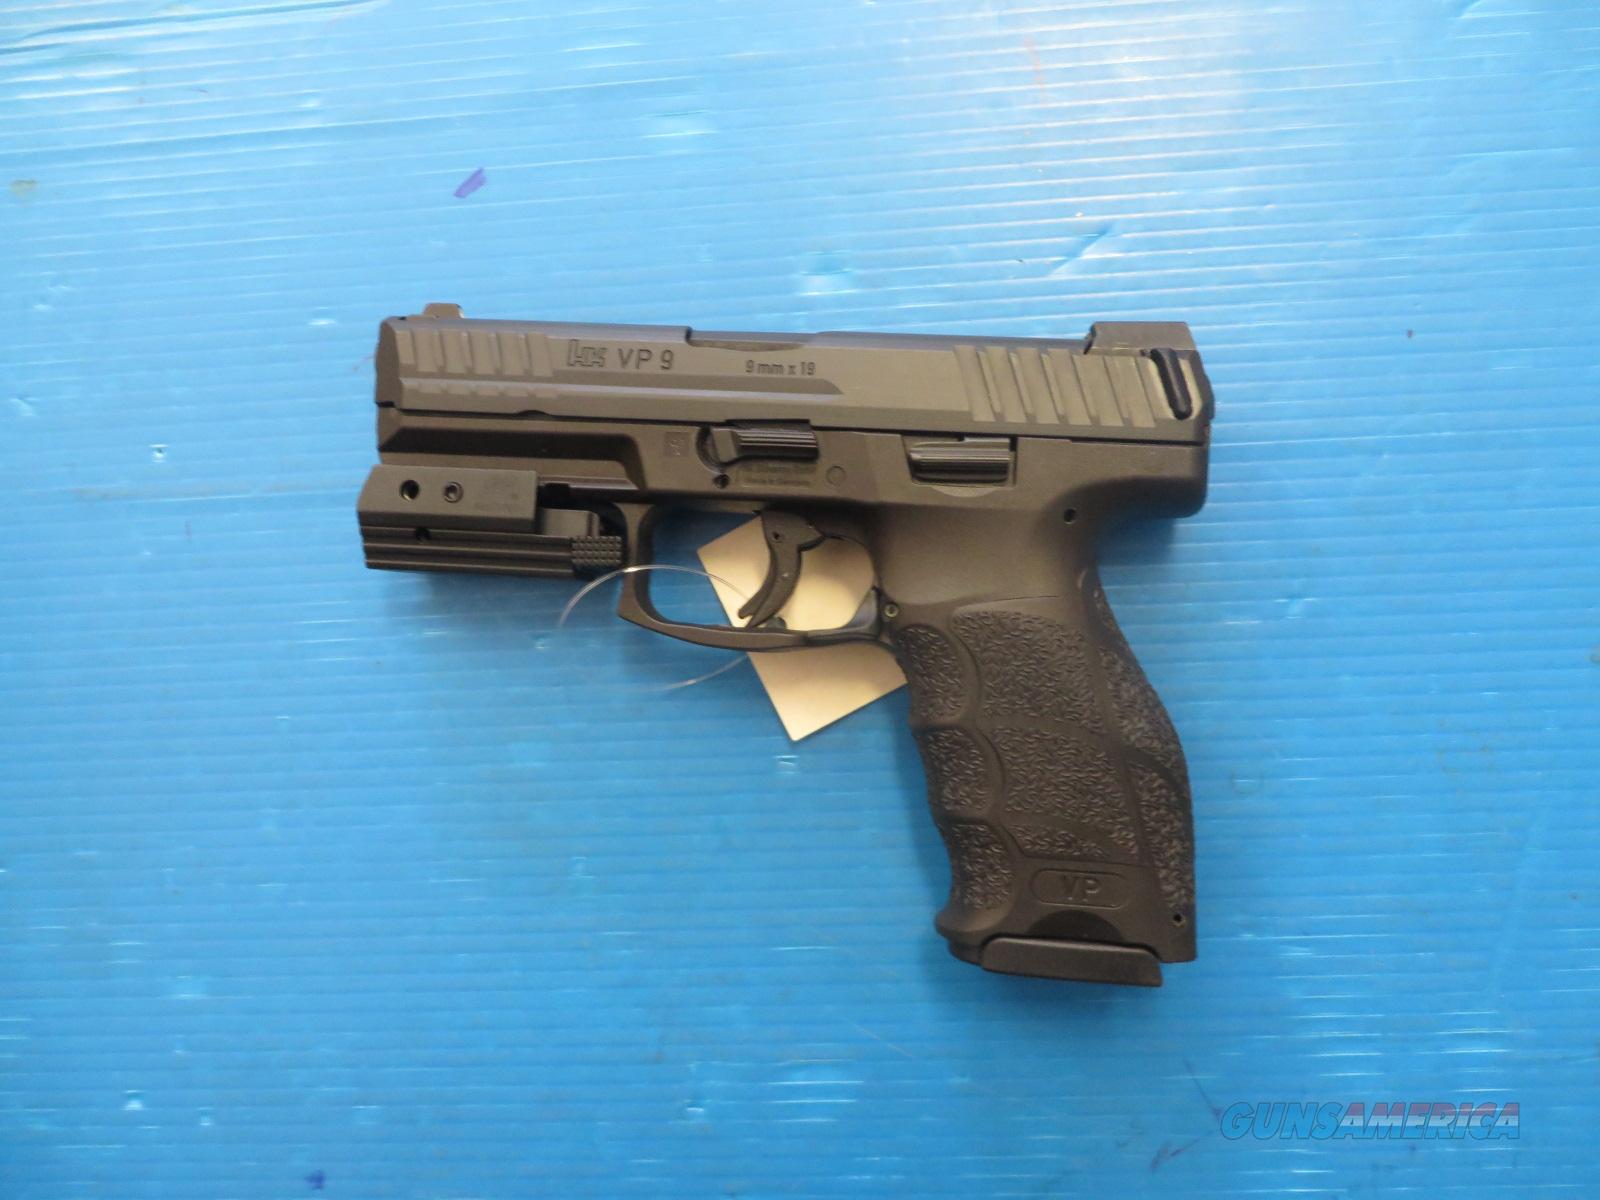 Heckler & Koch VP9 with laser (CT Compliant) Guns > Pistols > Heckl...